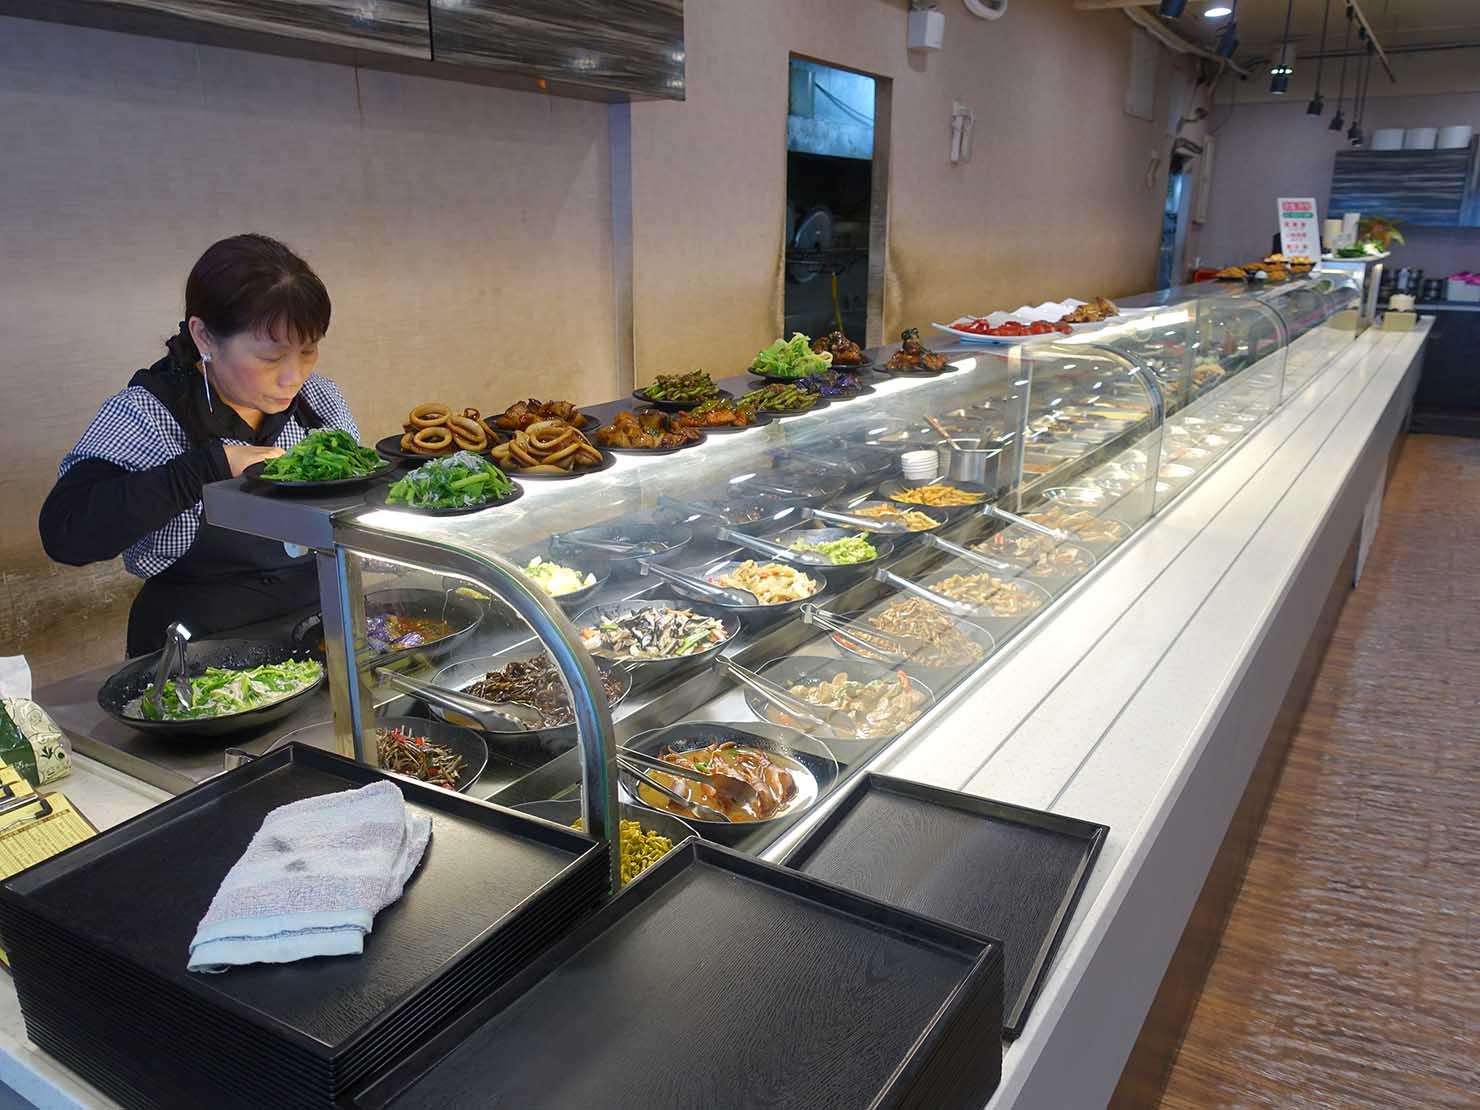 台北・清粥街(お粥街)にある「無名字清粥小菜」の料理が並ぶカウンター